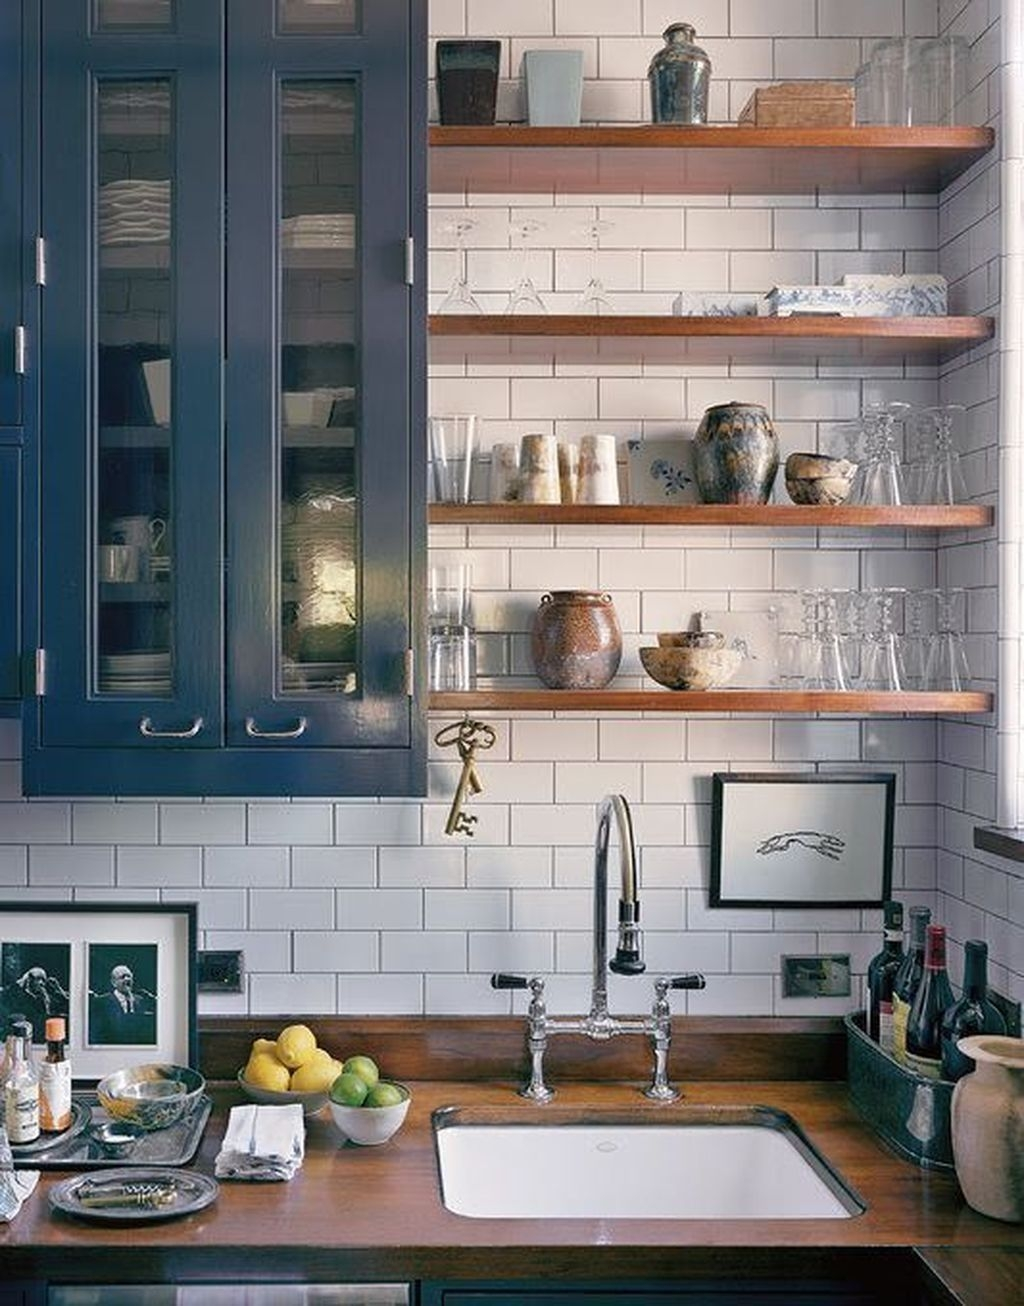 Unique Kitchen Design Ideas For Apartment15